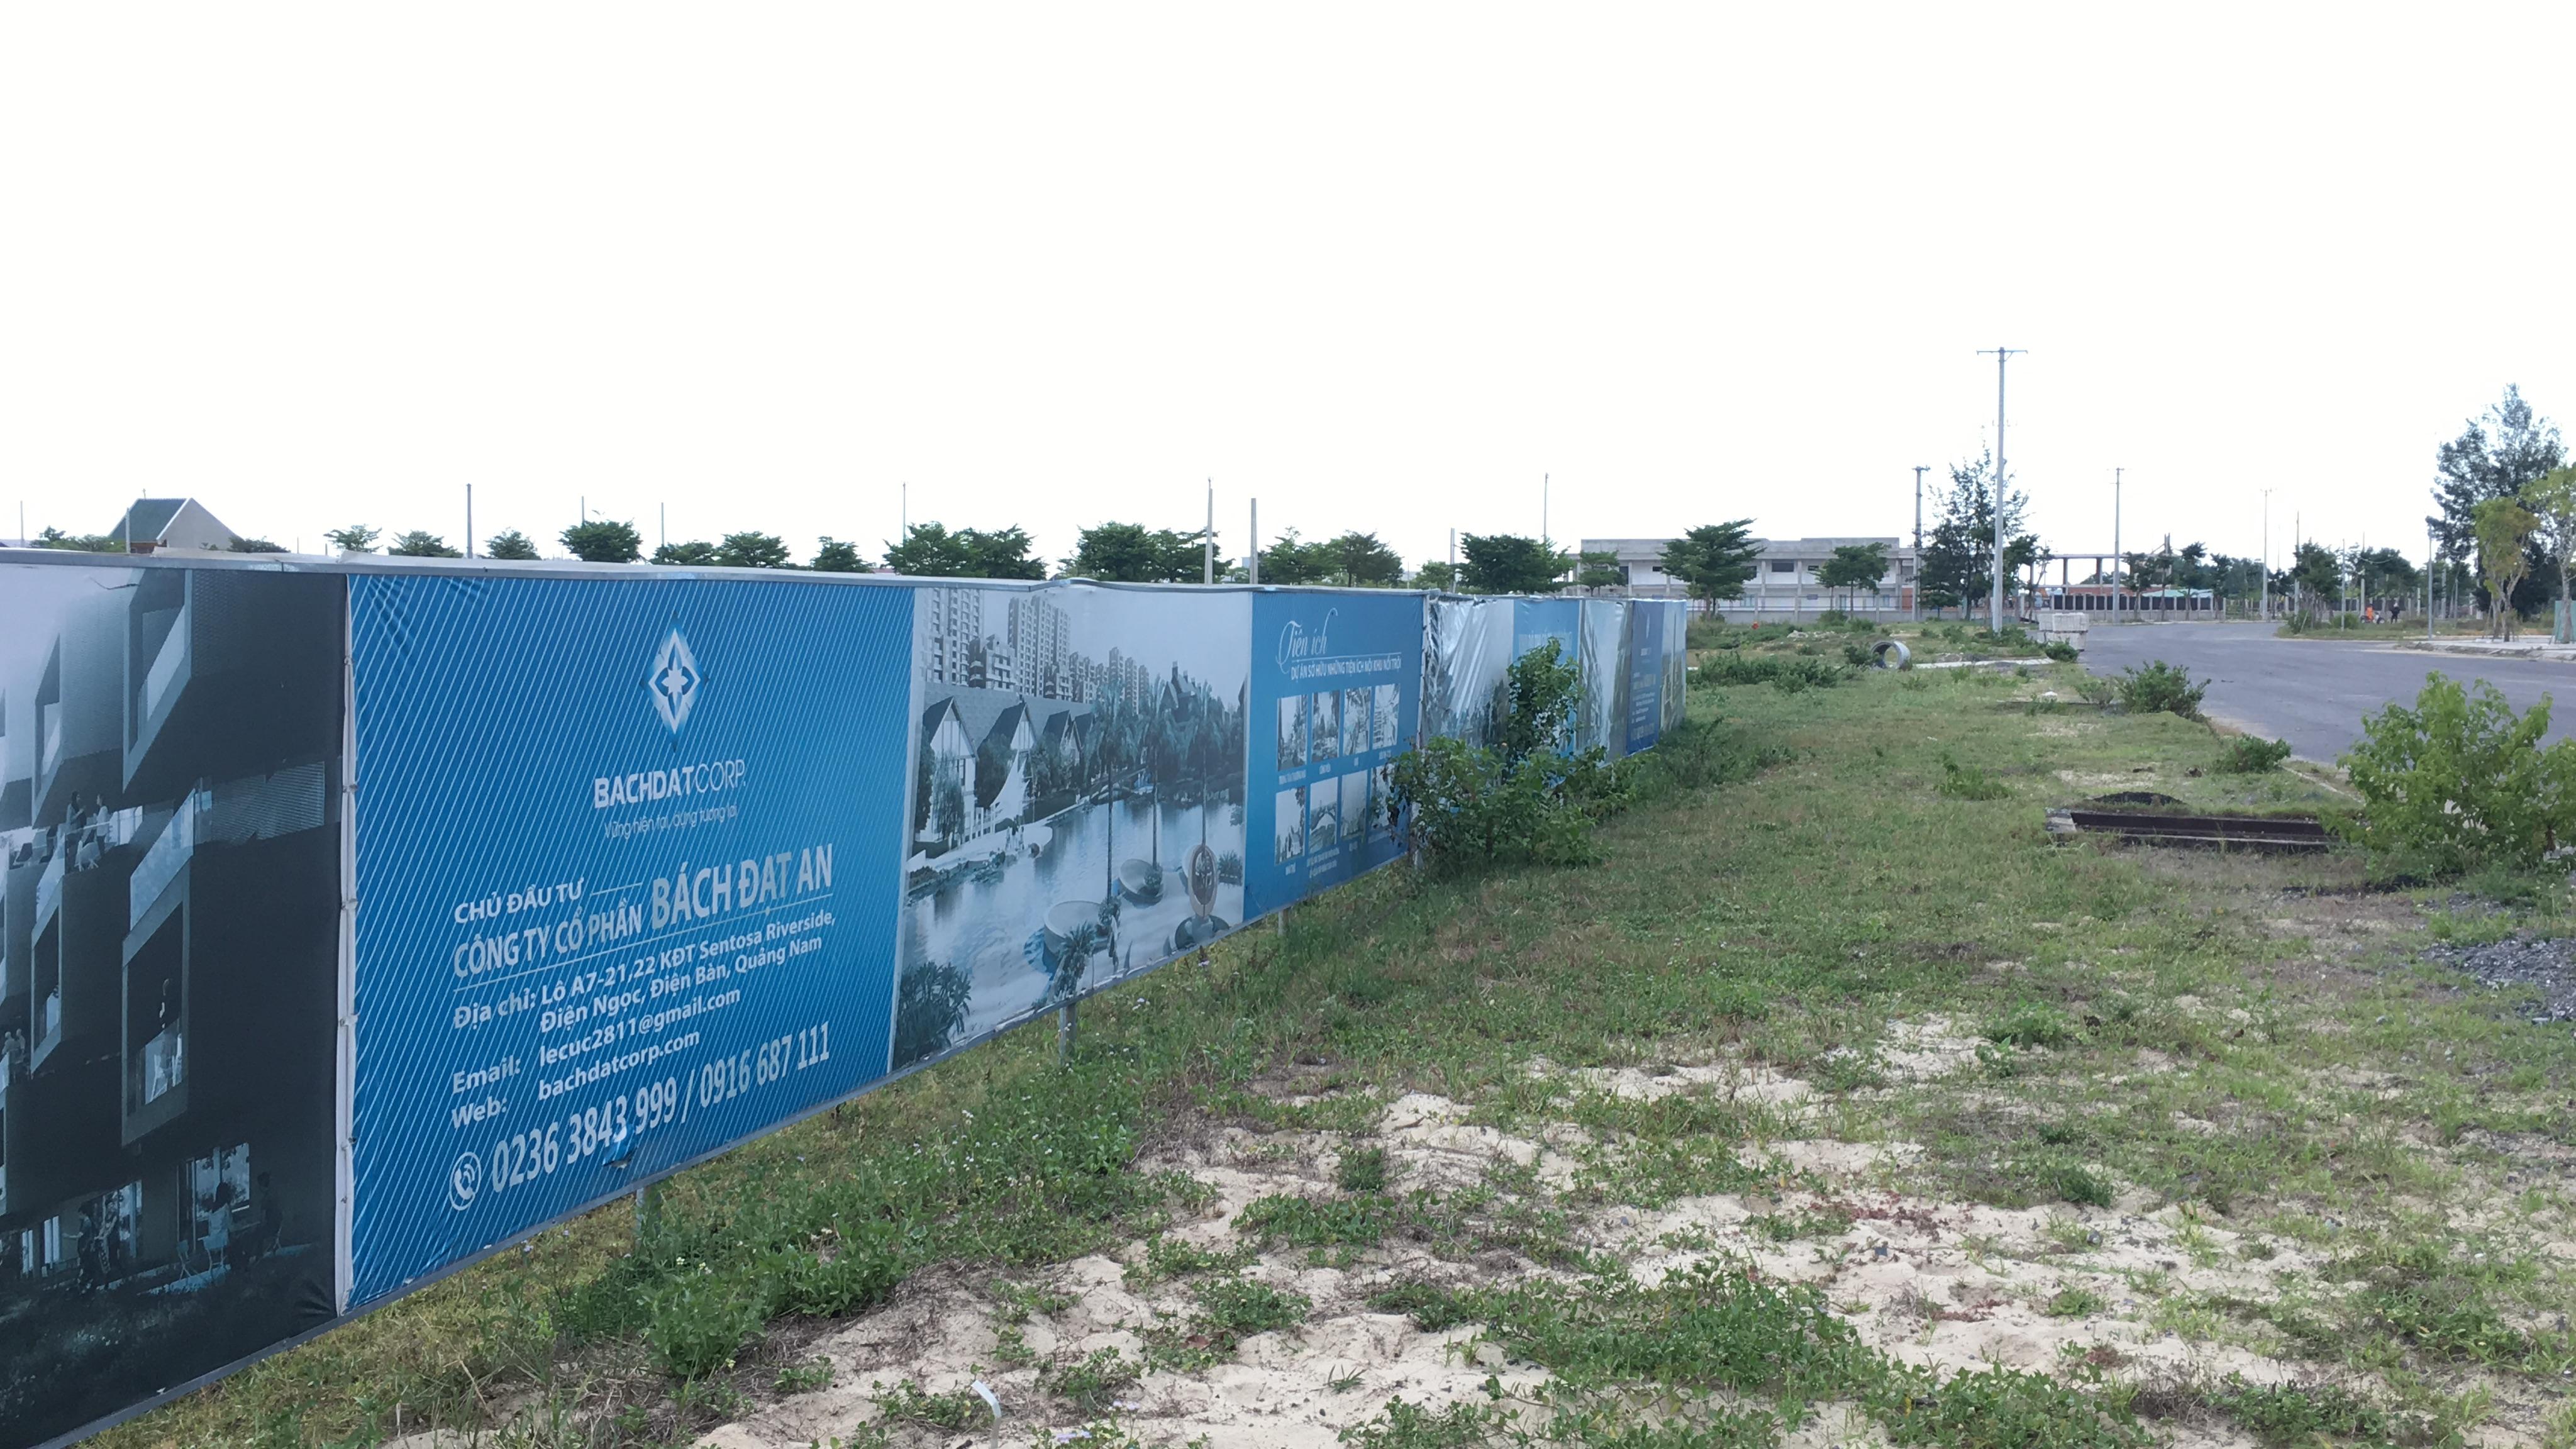 Quảng Nam: Dự án Khu đô thị 7B mở rộng hạ tầng dang dở, đang là nơi chăn thả bò - Ảnh 4.